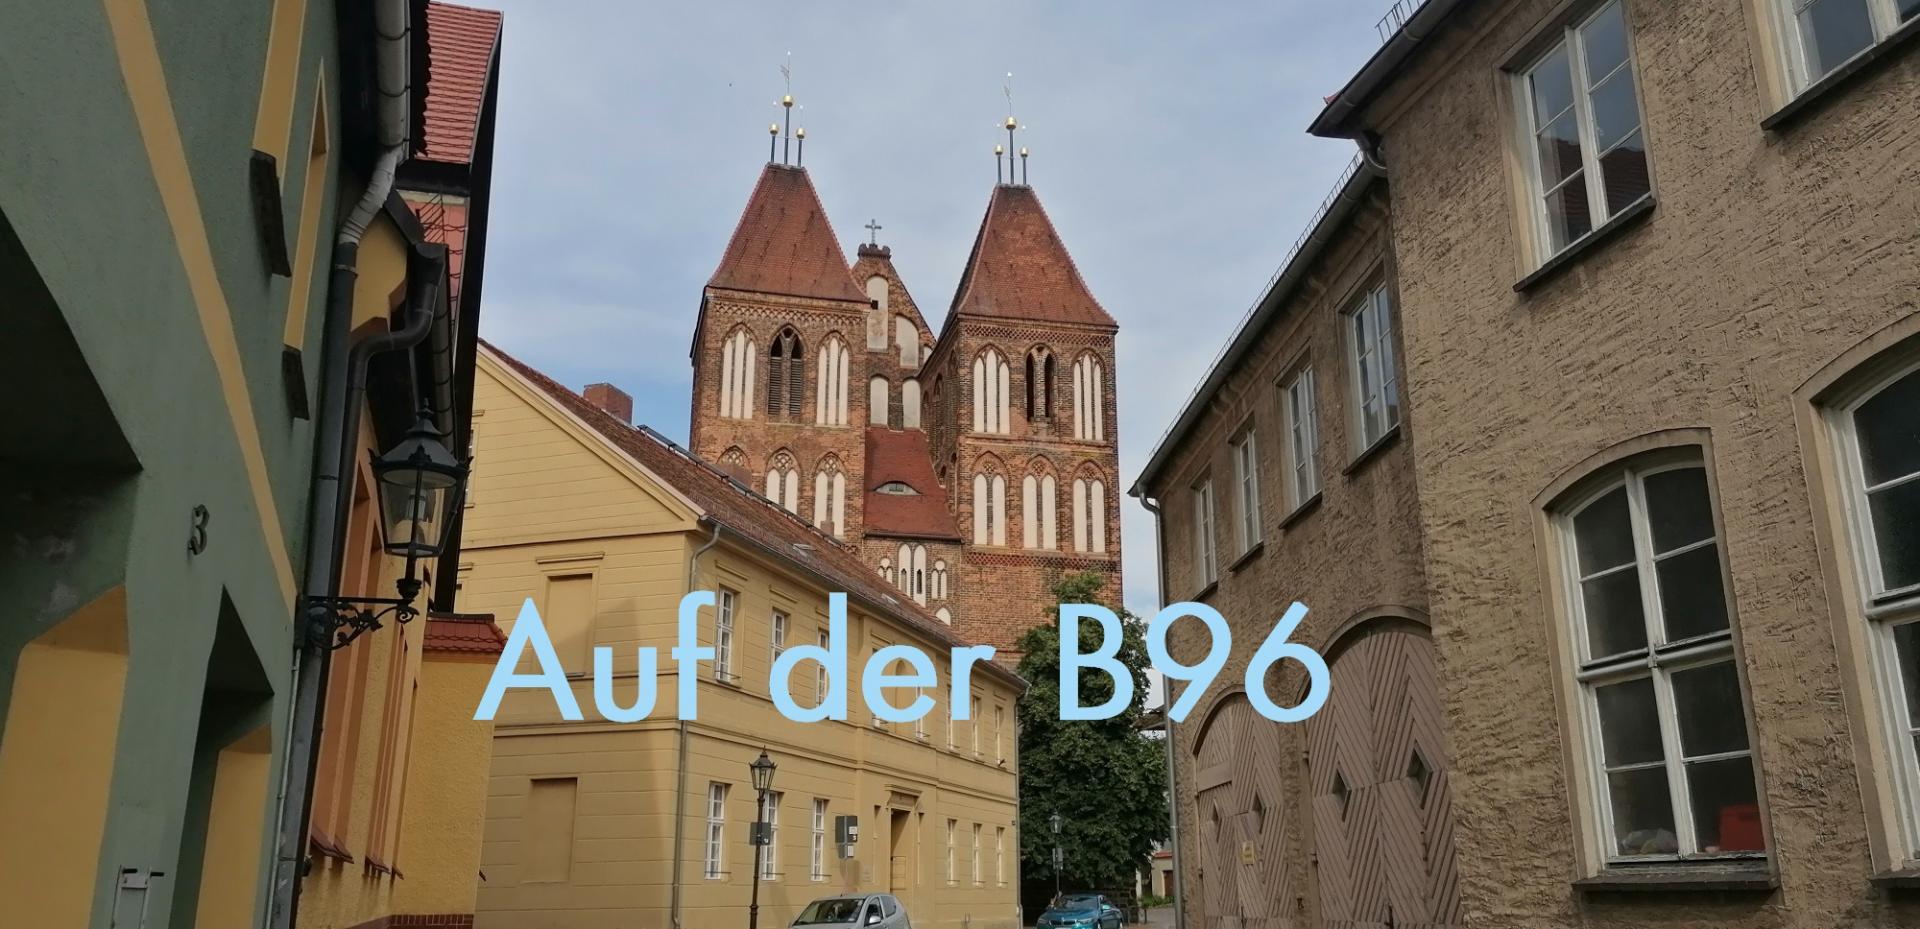 Auf der B96/Nikolaikirche Luckau - Ausstellung im Landratsamt. Foto: Dörthe Ziemer